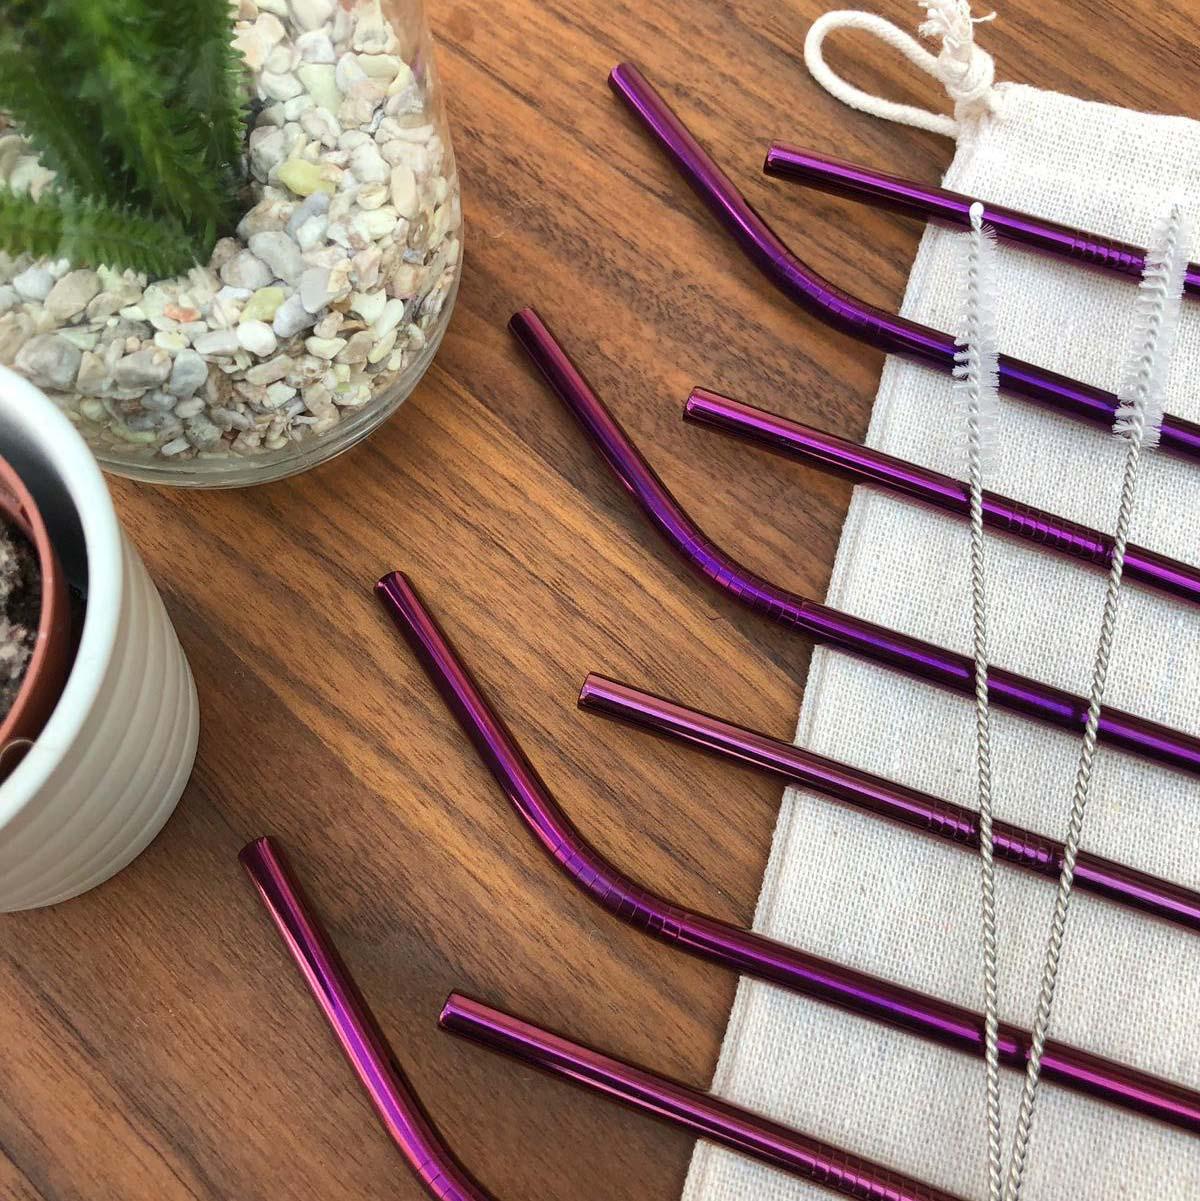 Kit de Canudo de Inox Ecológico Roxo